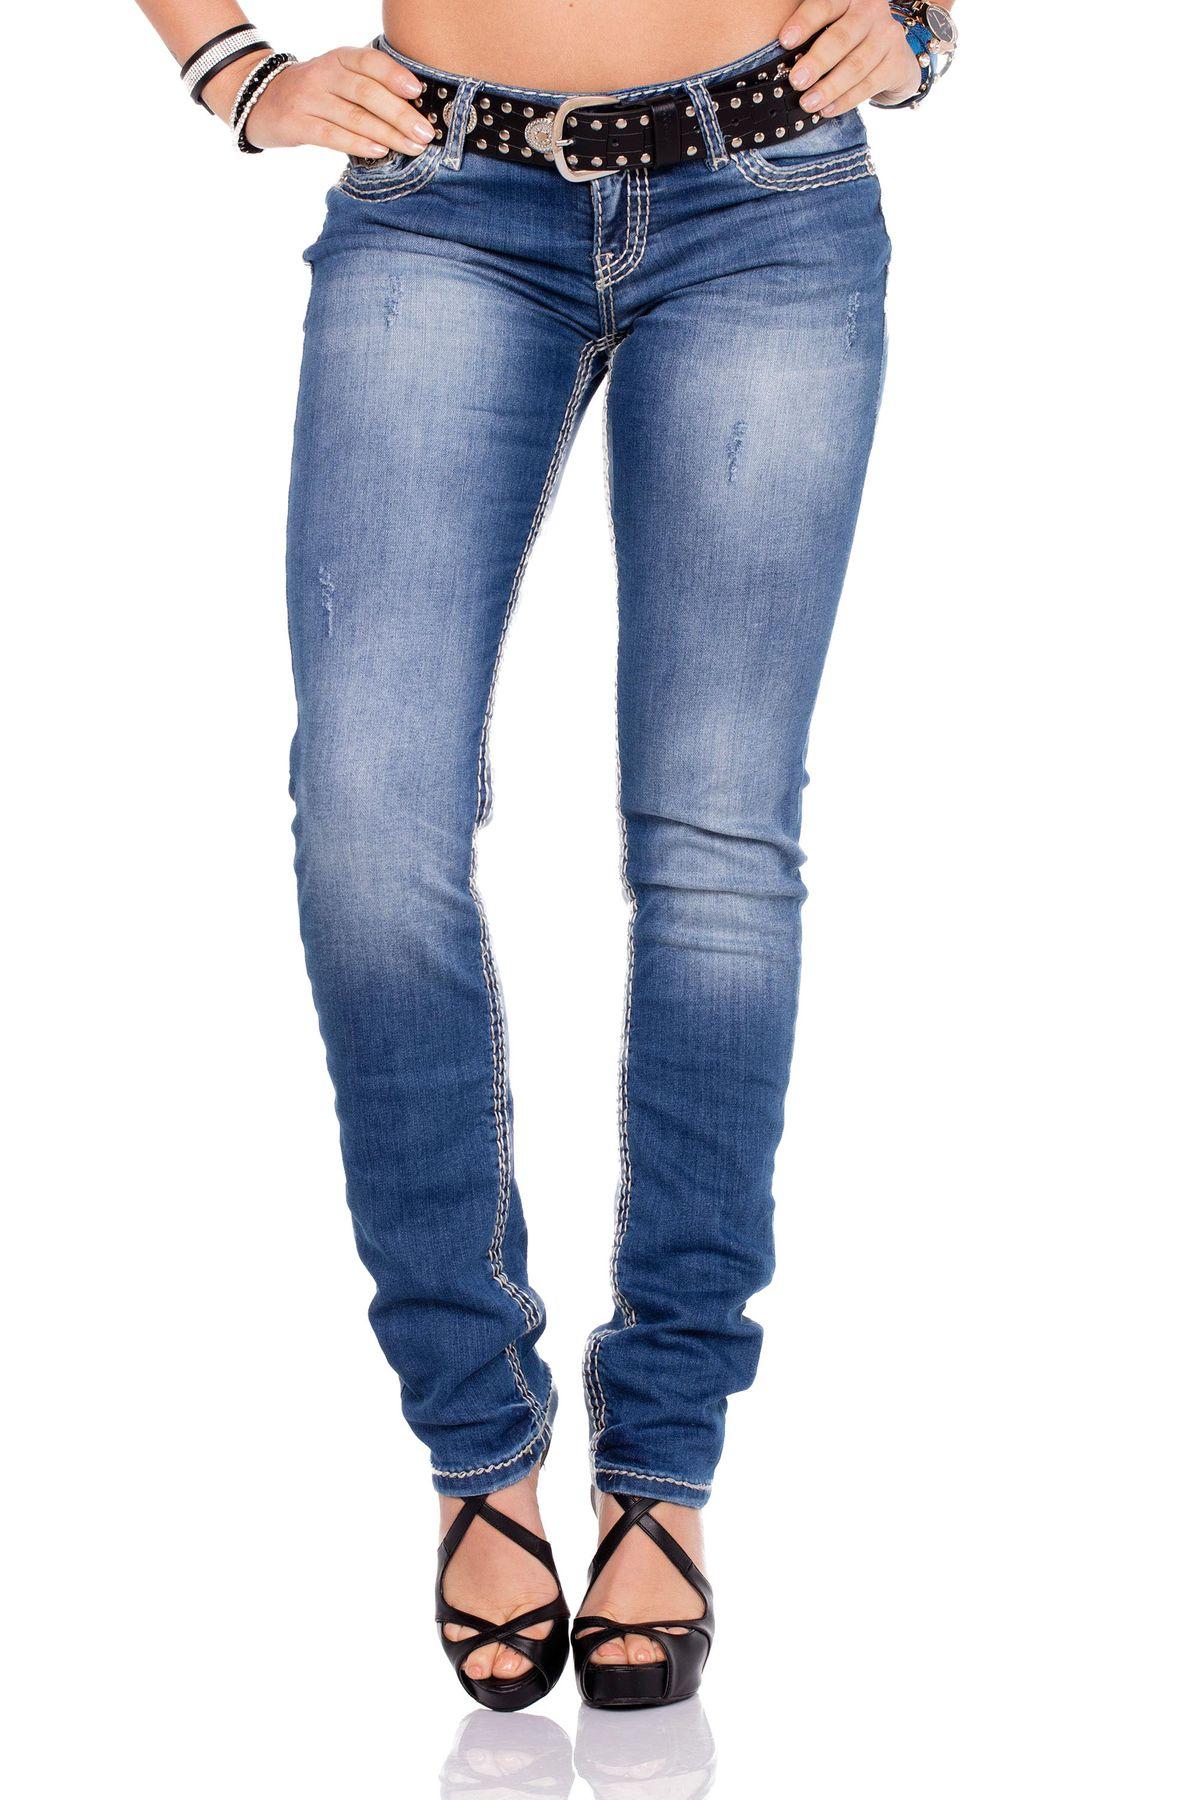 Details zu CIPO & BAXX Damen Jeans WD201 Regular Fit mit oder ohne Gürtel